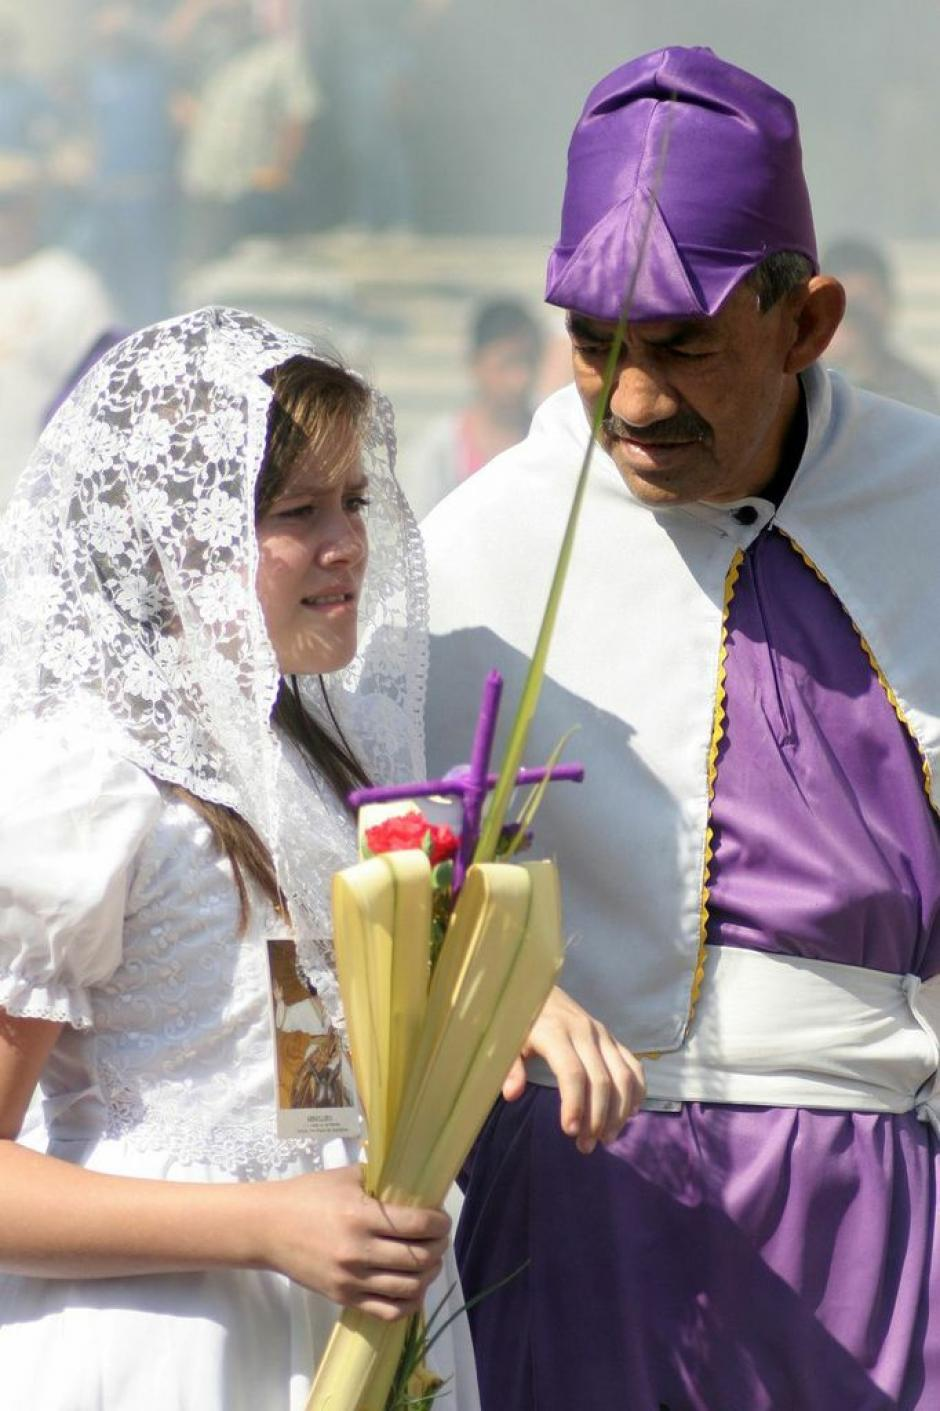 En la procesión de Jesús de las Palmas participan niños y jóvenes. Aquí una cargadora vestida de blanco, asistida por un cucurucho de mayor edad. La tradición se pasa de generación en generación. (Foto: Raúl Illescas).